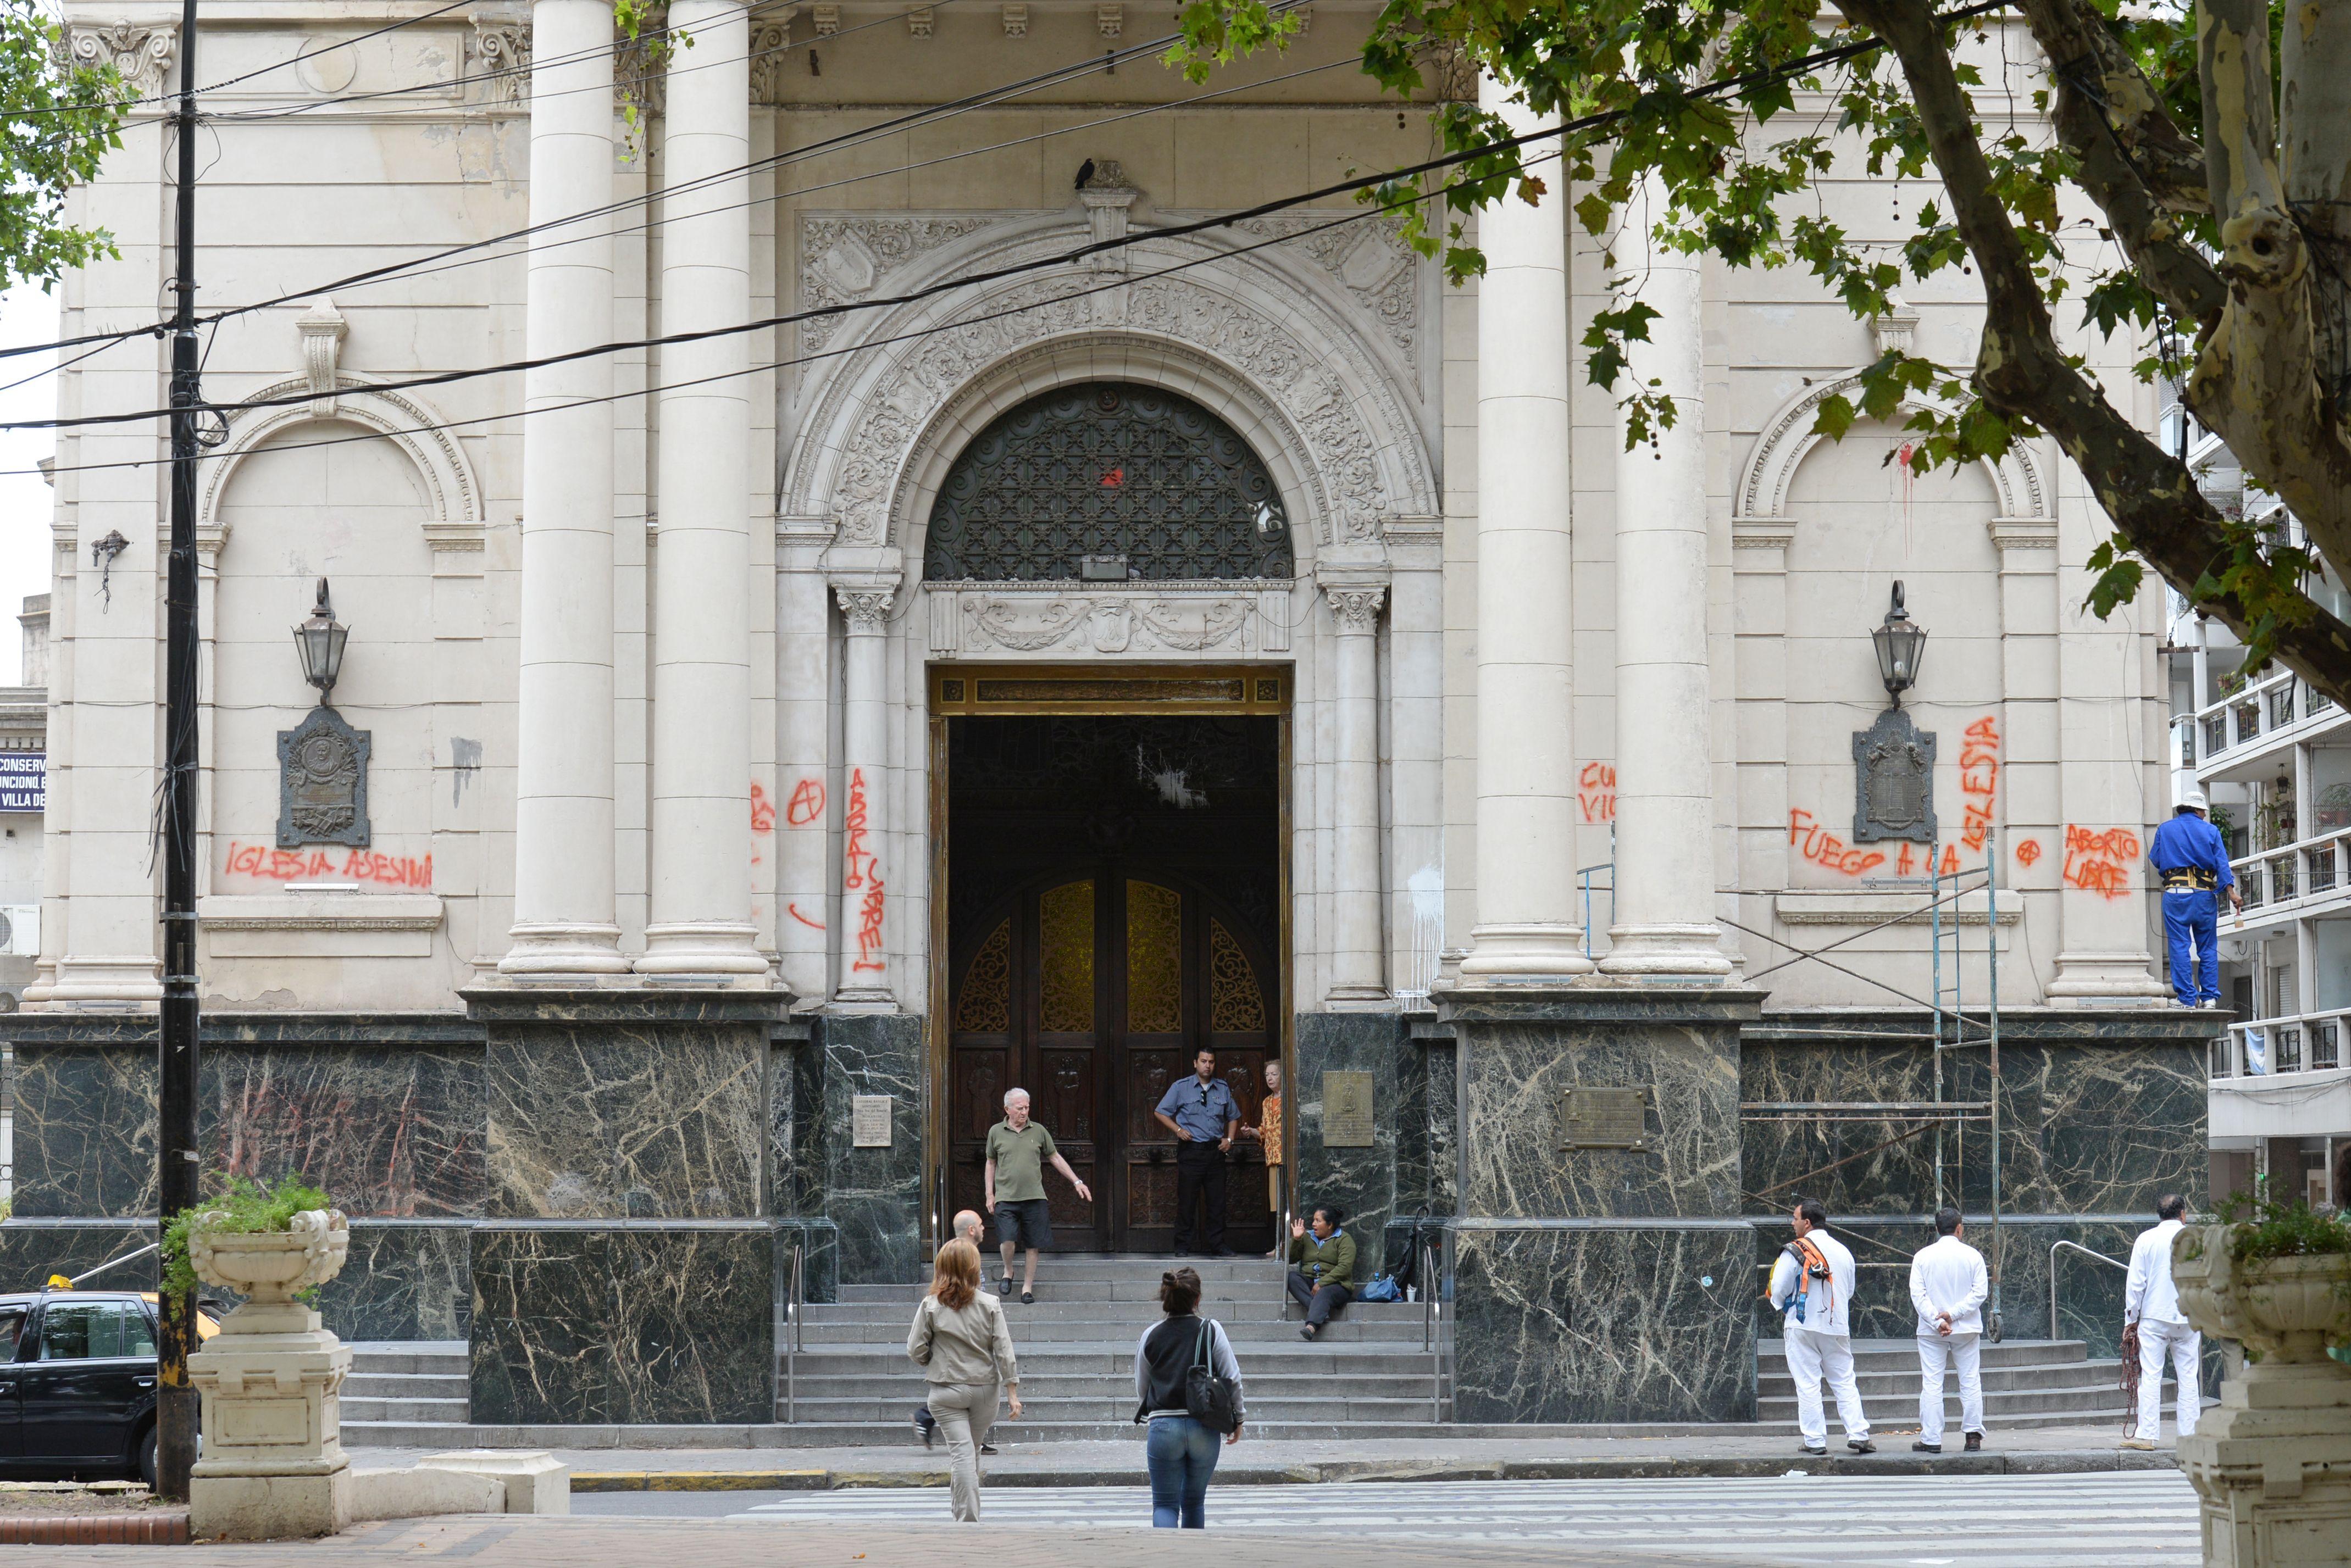 Así quedó la fachada del histórico edificio. (Foto: Silvina Salinas).